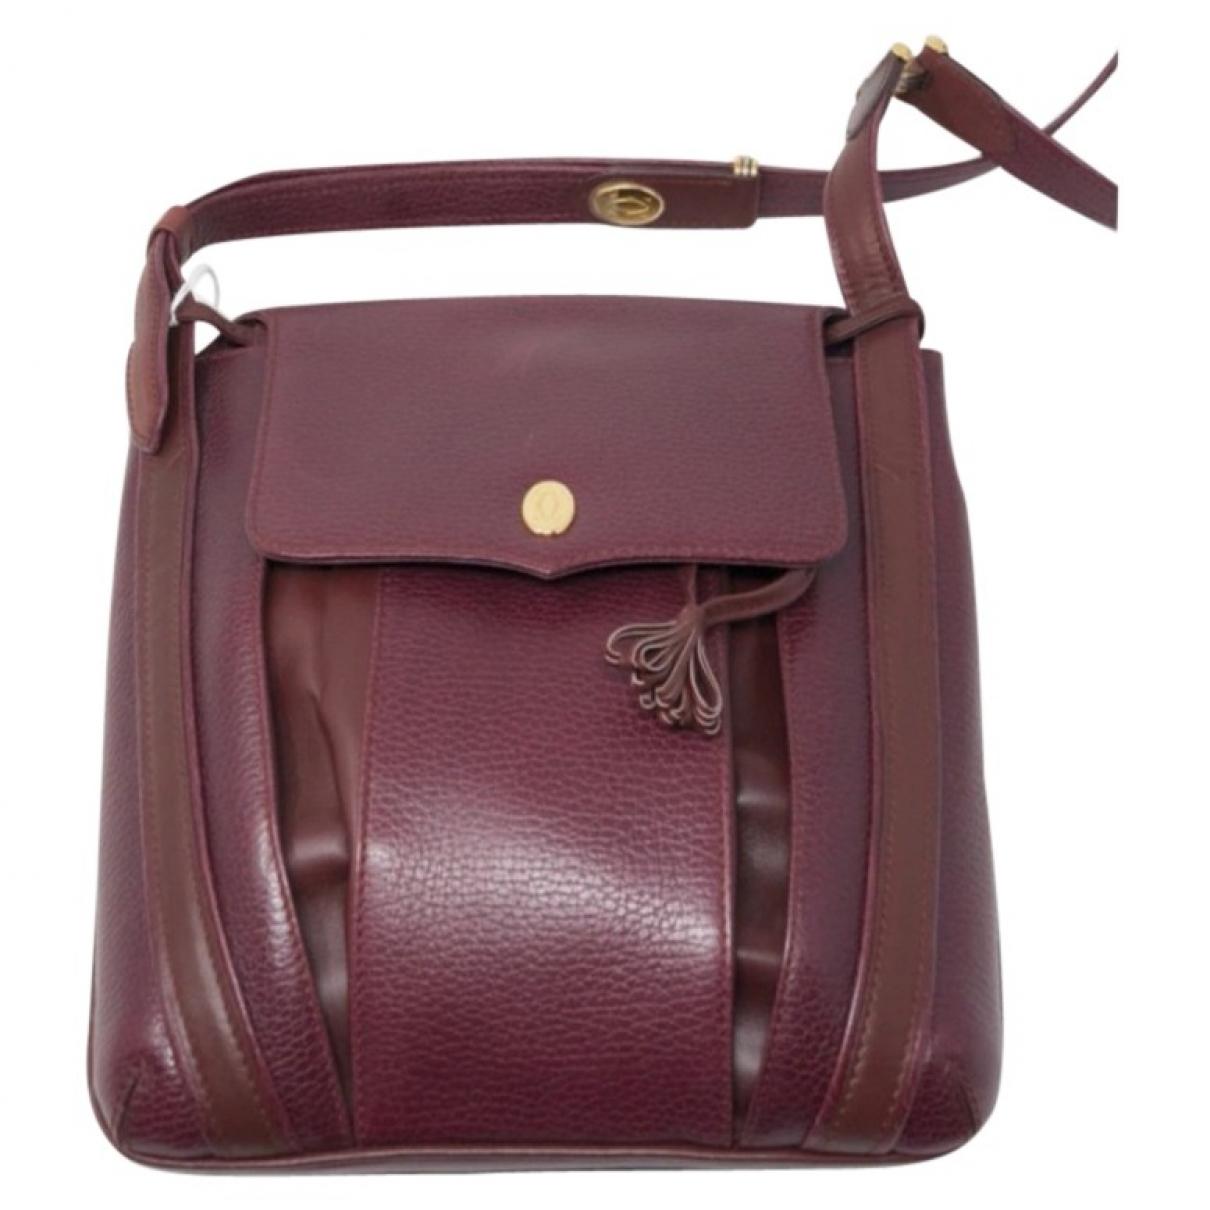 Cartier \N Burgundy Leather bag for Men \N